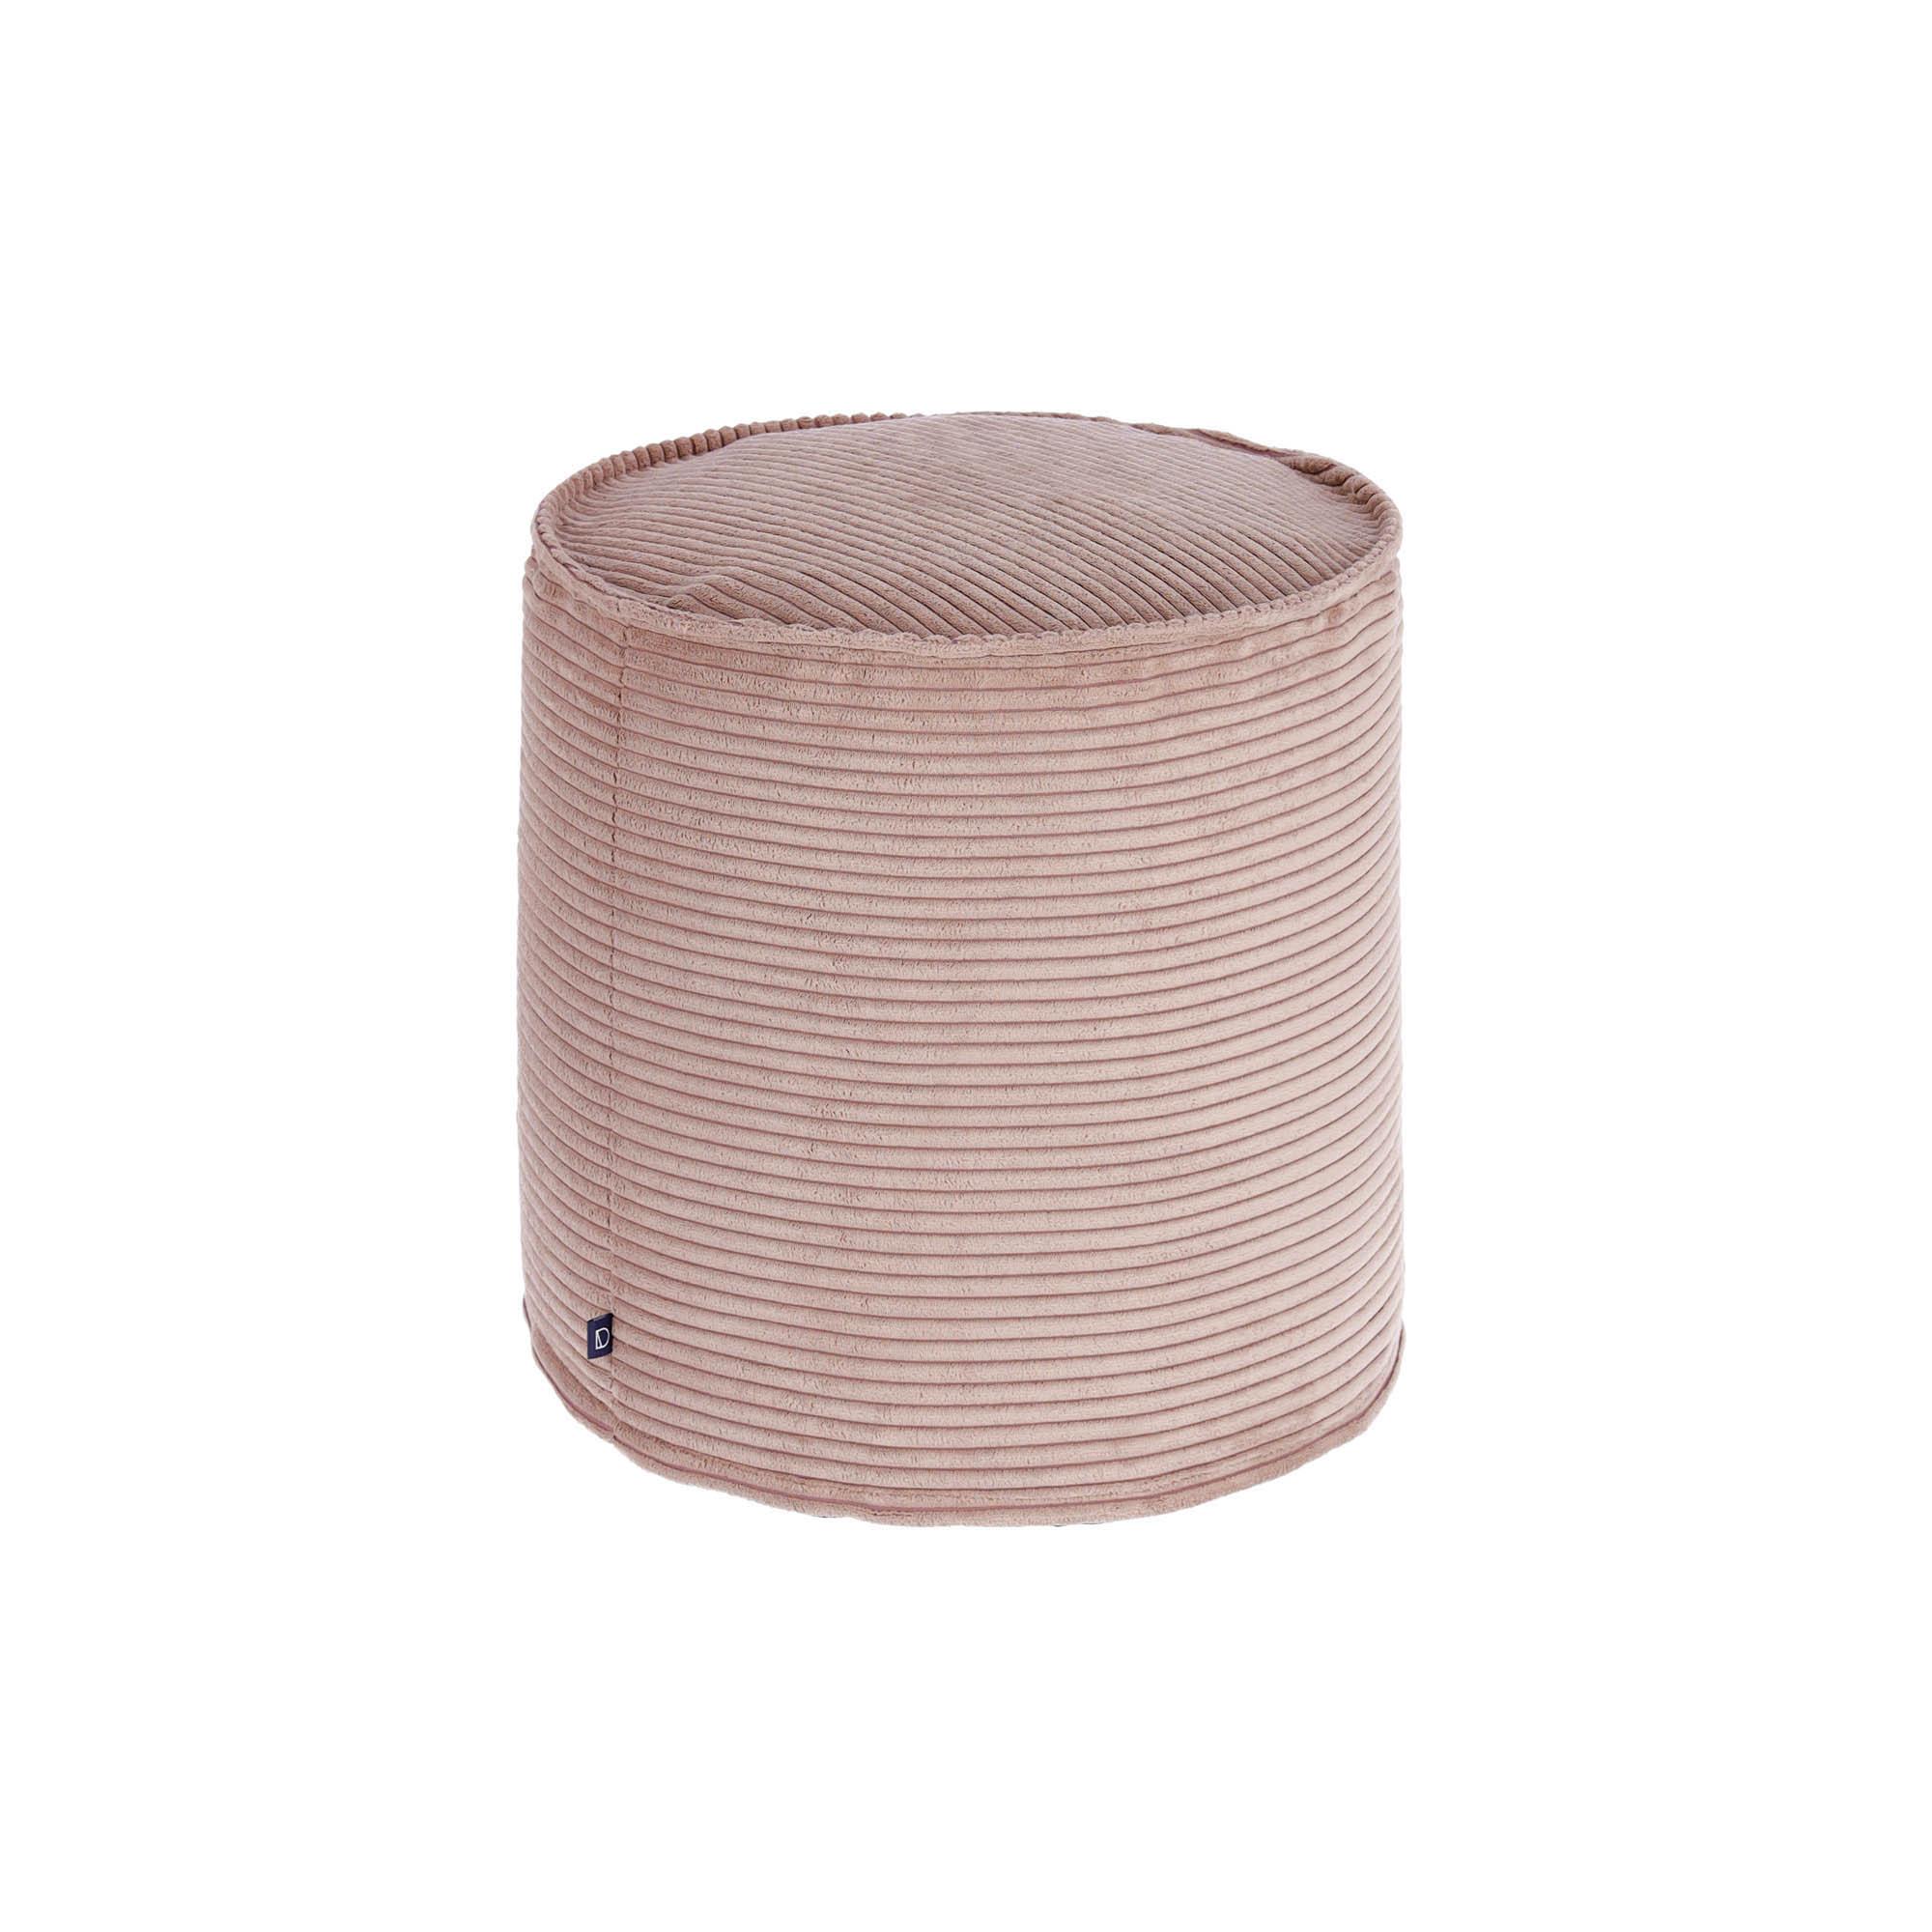 Kave Home - Kleiner Zina Pouf Ø 40 cm, rosa Kord | Wohnzimmer > Hocker & Poufs > Poufs | Kave Home